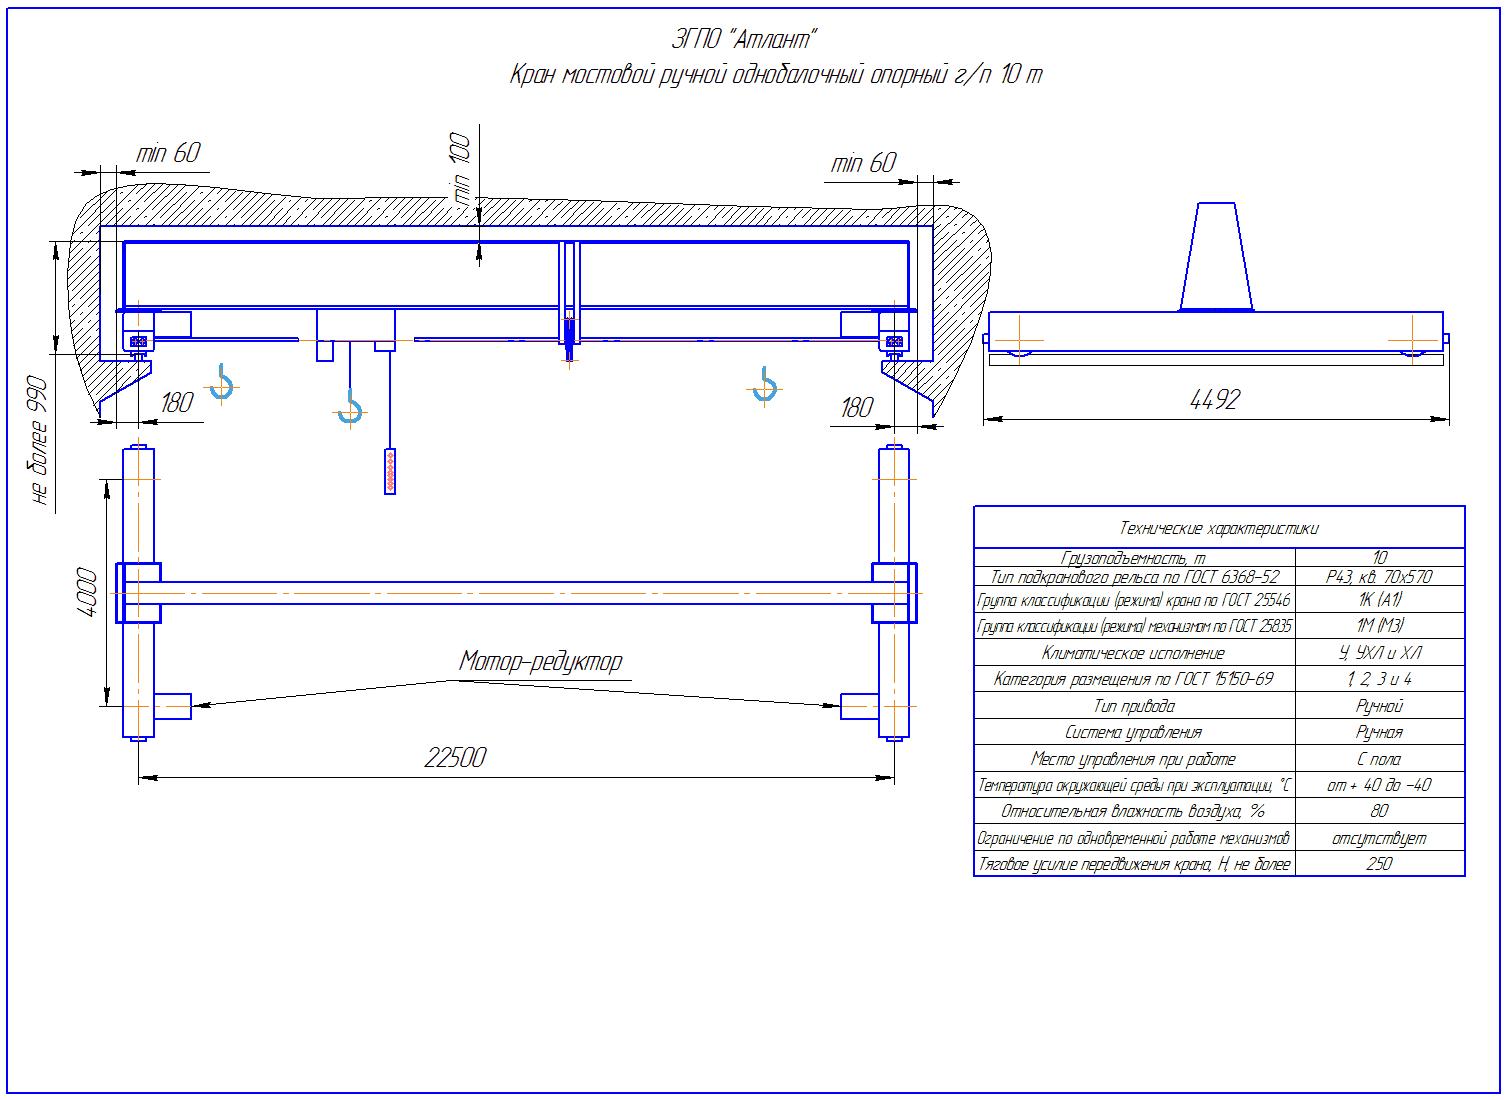 KRMOO 10 225 - Кран ручной мостовой опорный однобалочный